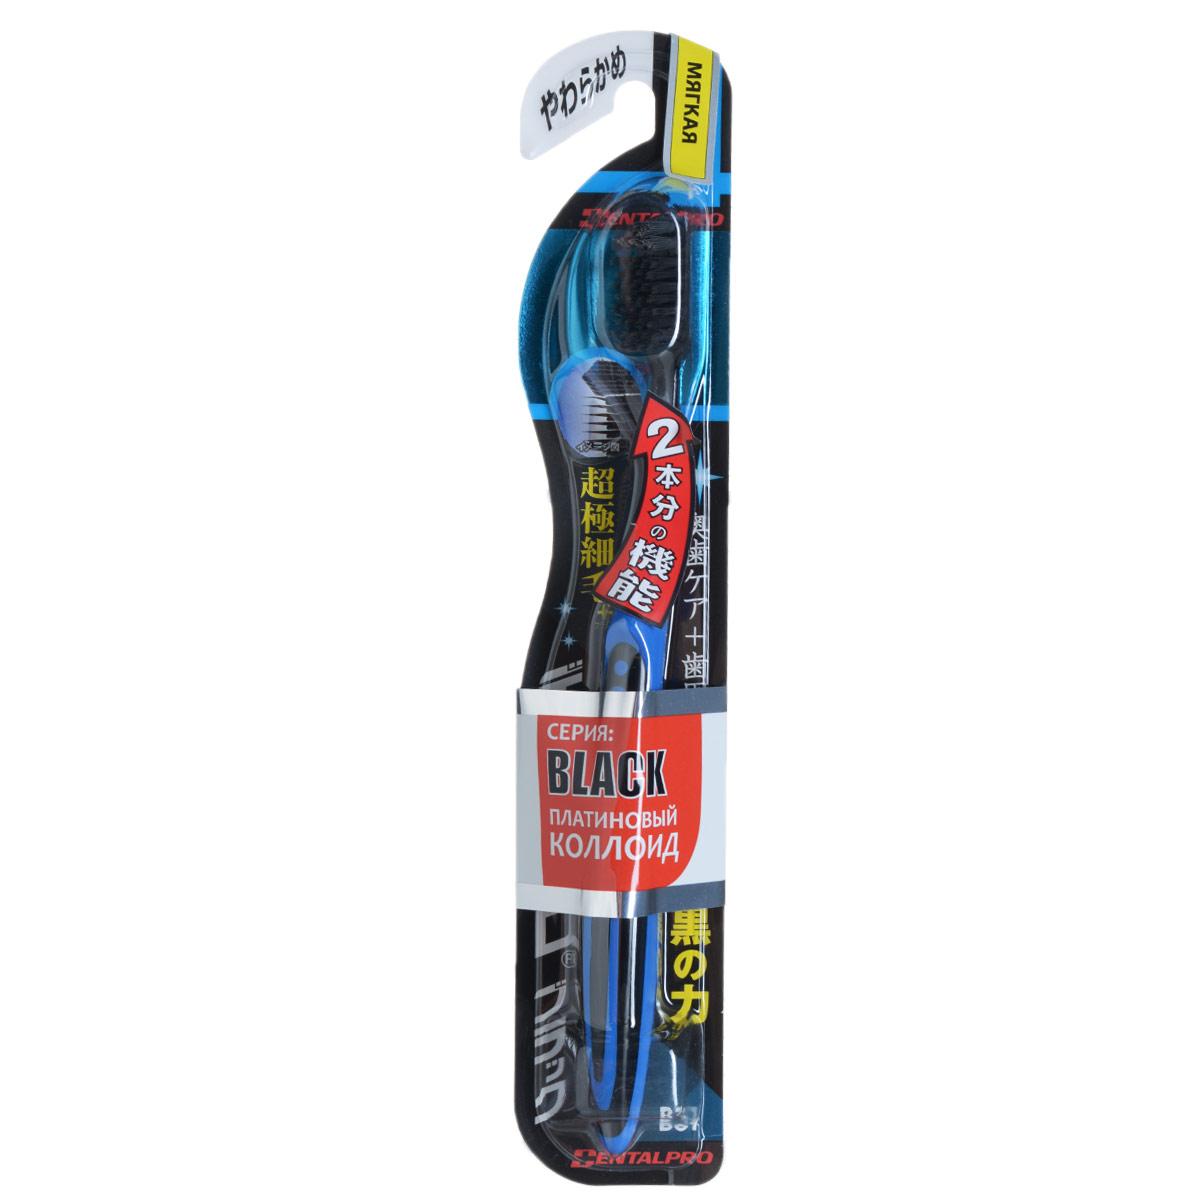 Dentalpro Зубная щетка Black Ultra Slim Plus, мягкая, цвет: синий121154_синийDentalpro Black Ultra Slim Plus - зубная щетка с мягкой щетиной. Платиновая коллоидная керамика в составе щетинок позволяет эффективно ухаживать за полостью рта даже без использования зубной пасты. Высокая плотность щетинок в верхней части позволяет удалять загрязнения с дальних зубов и труднодоступных мест. Очистка с технологией PCC на 15% результативнее, а также очистка пародонтального кармана происходит эффективнее благодаря ультратонким щетинкам. Товар сертифицирован. Состав: полипропилен, EPMD.